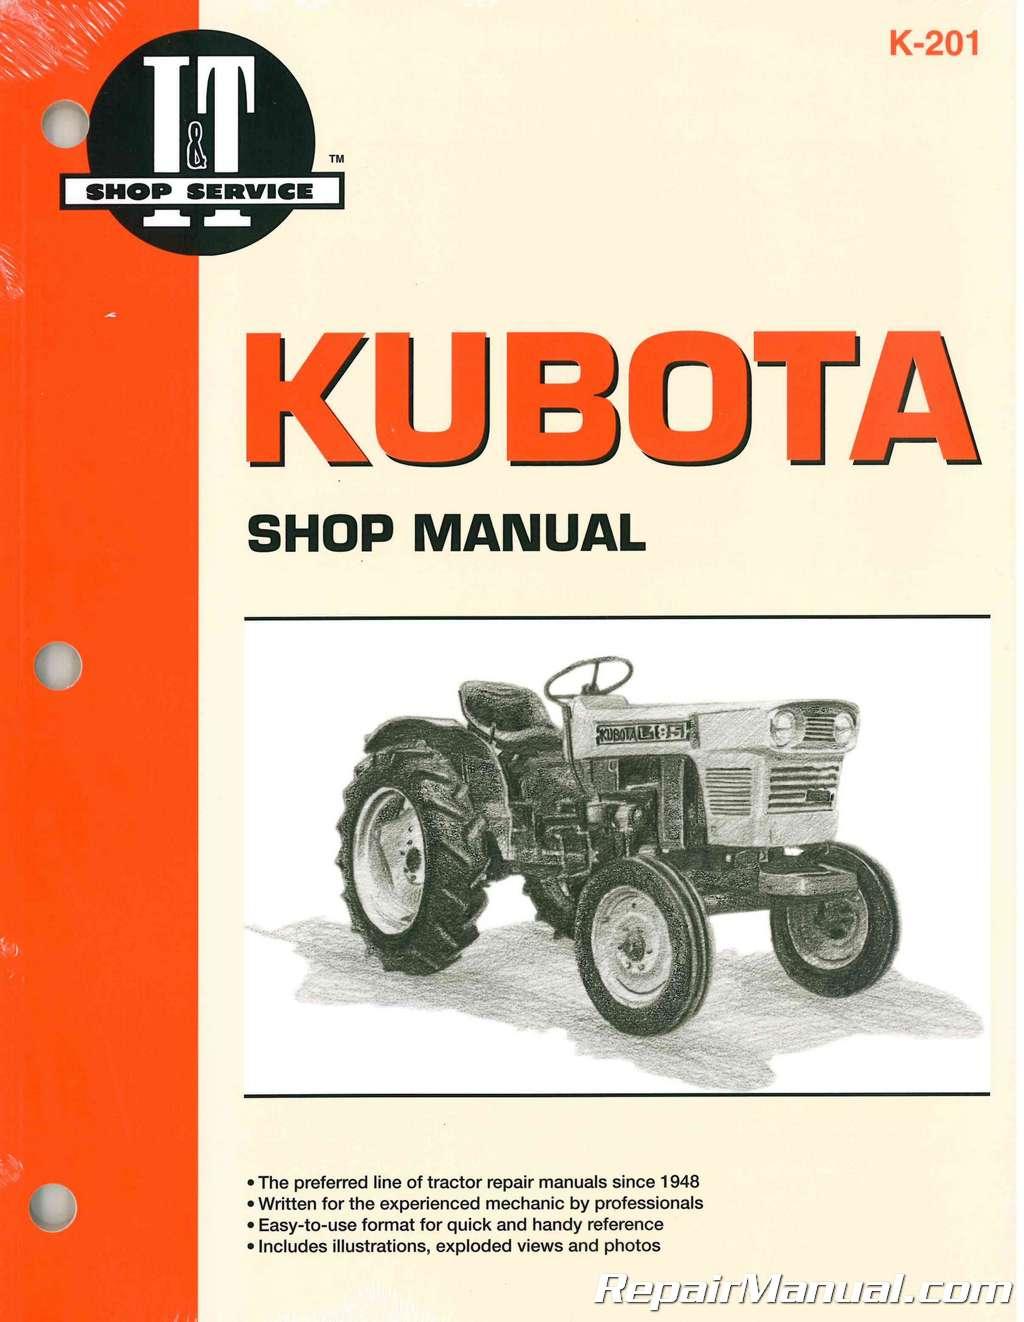 Fabulous L175 Kubota Tractor Wiring Diagram Basic Electronics Wiring Diagram Wiring Digital Resources Indicompassionincorg